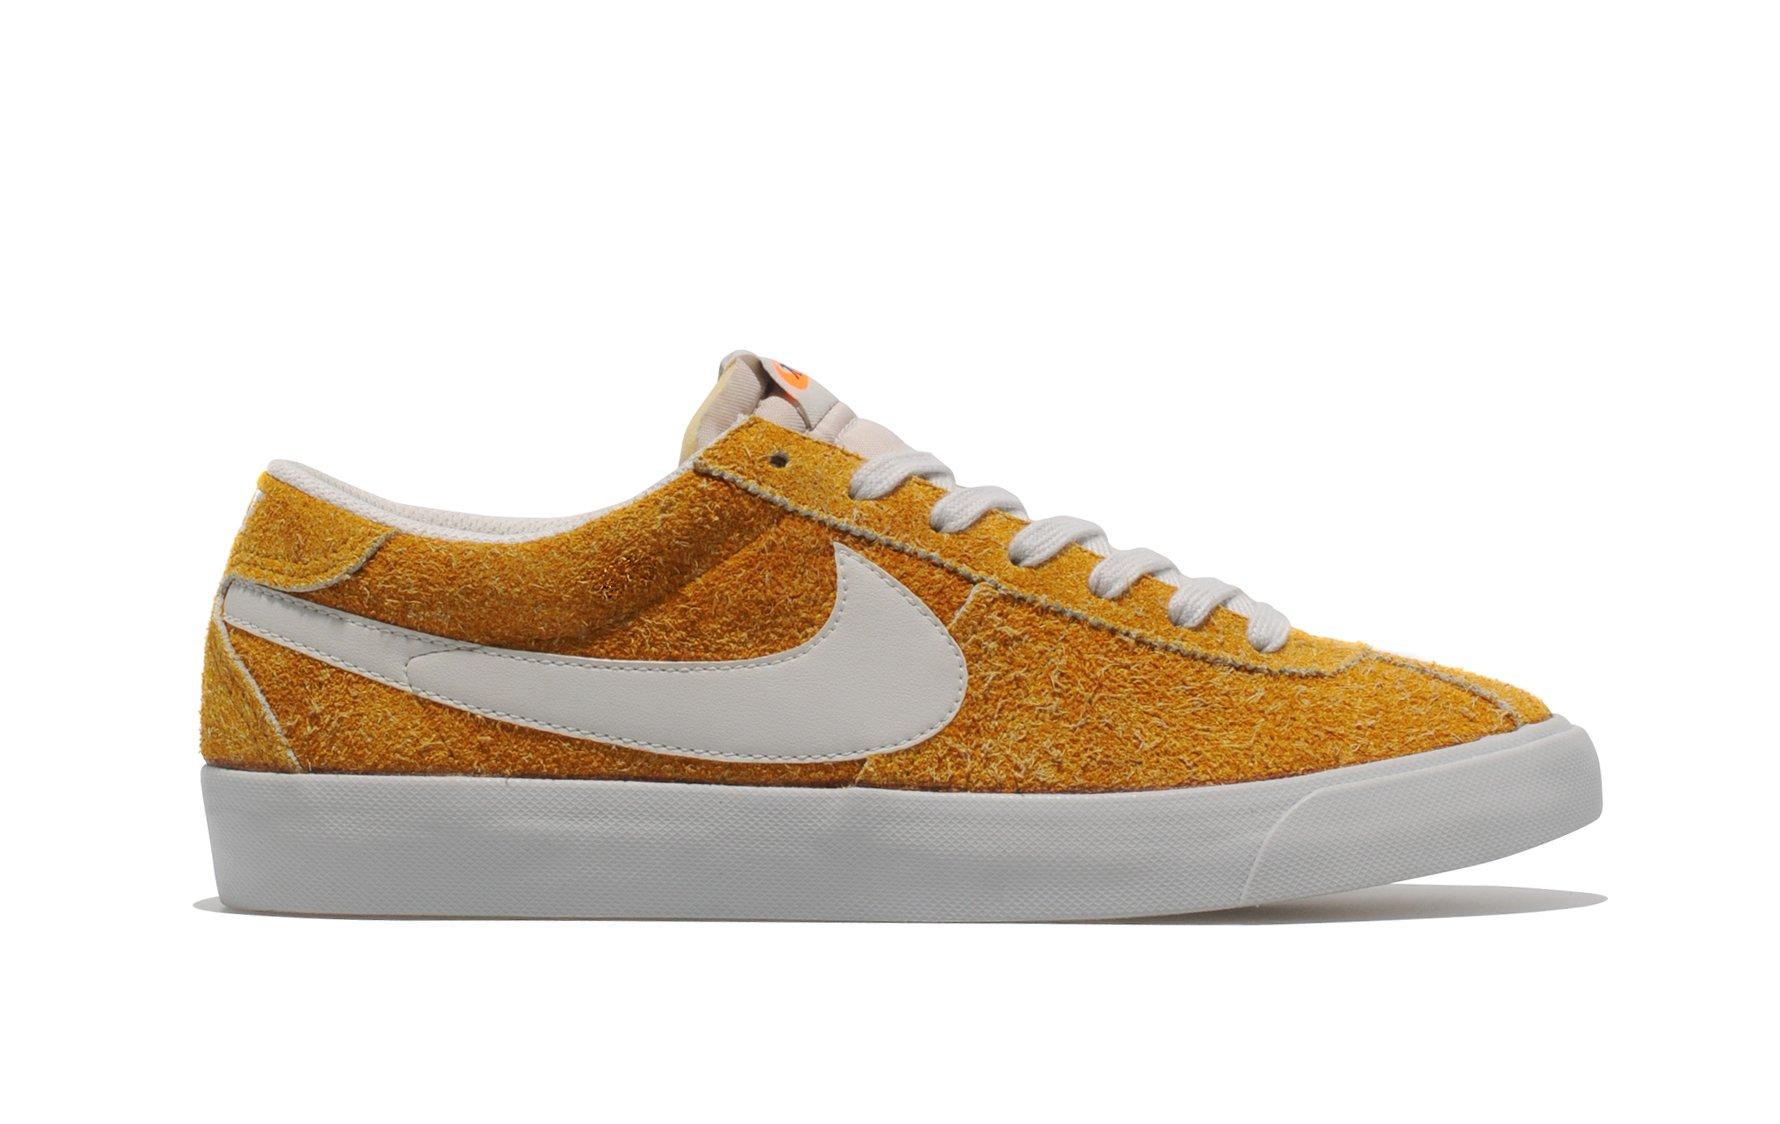 Release Reminder: Nike Bruin VNTG 'Dark Gold Leaf' size? Exclusive